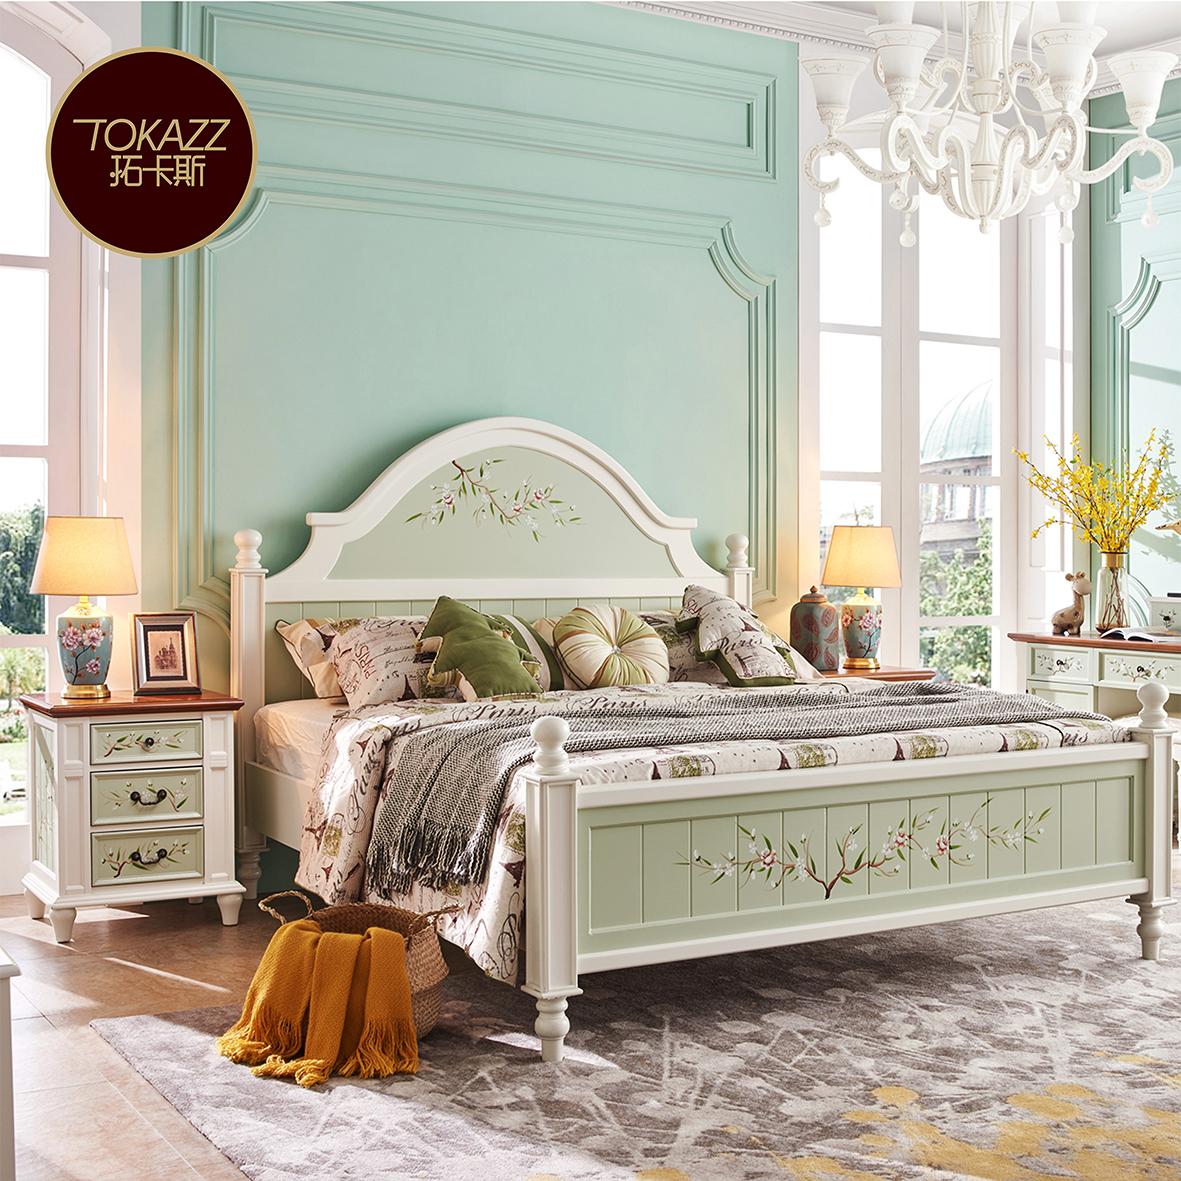 美式乡村主卧床实木彩绘田园单双人欧式公主床地中海现代简约婚床